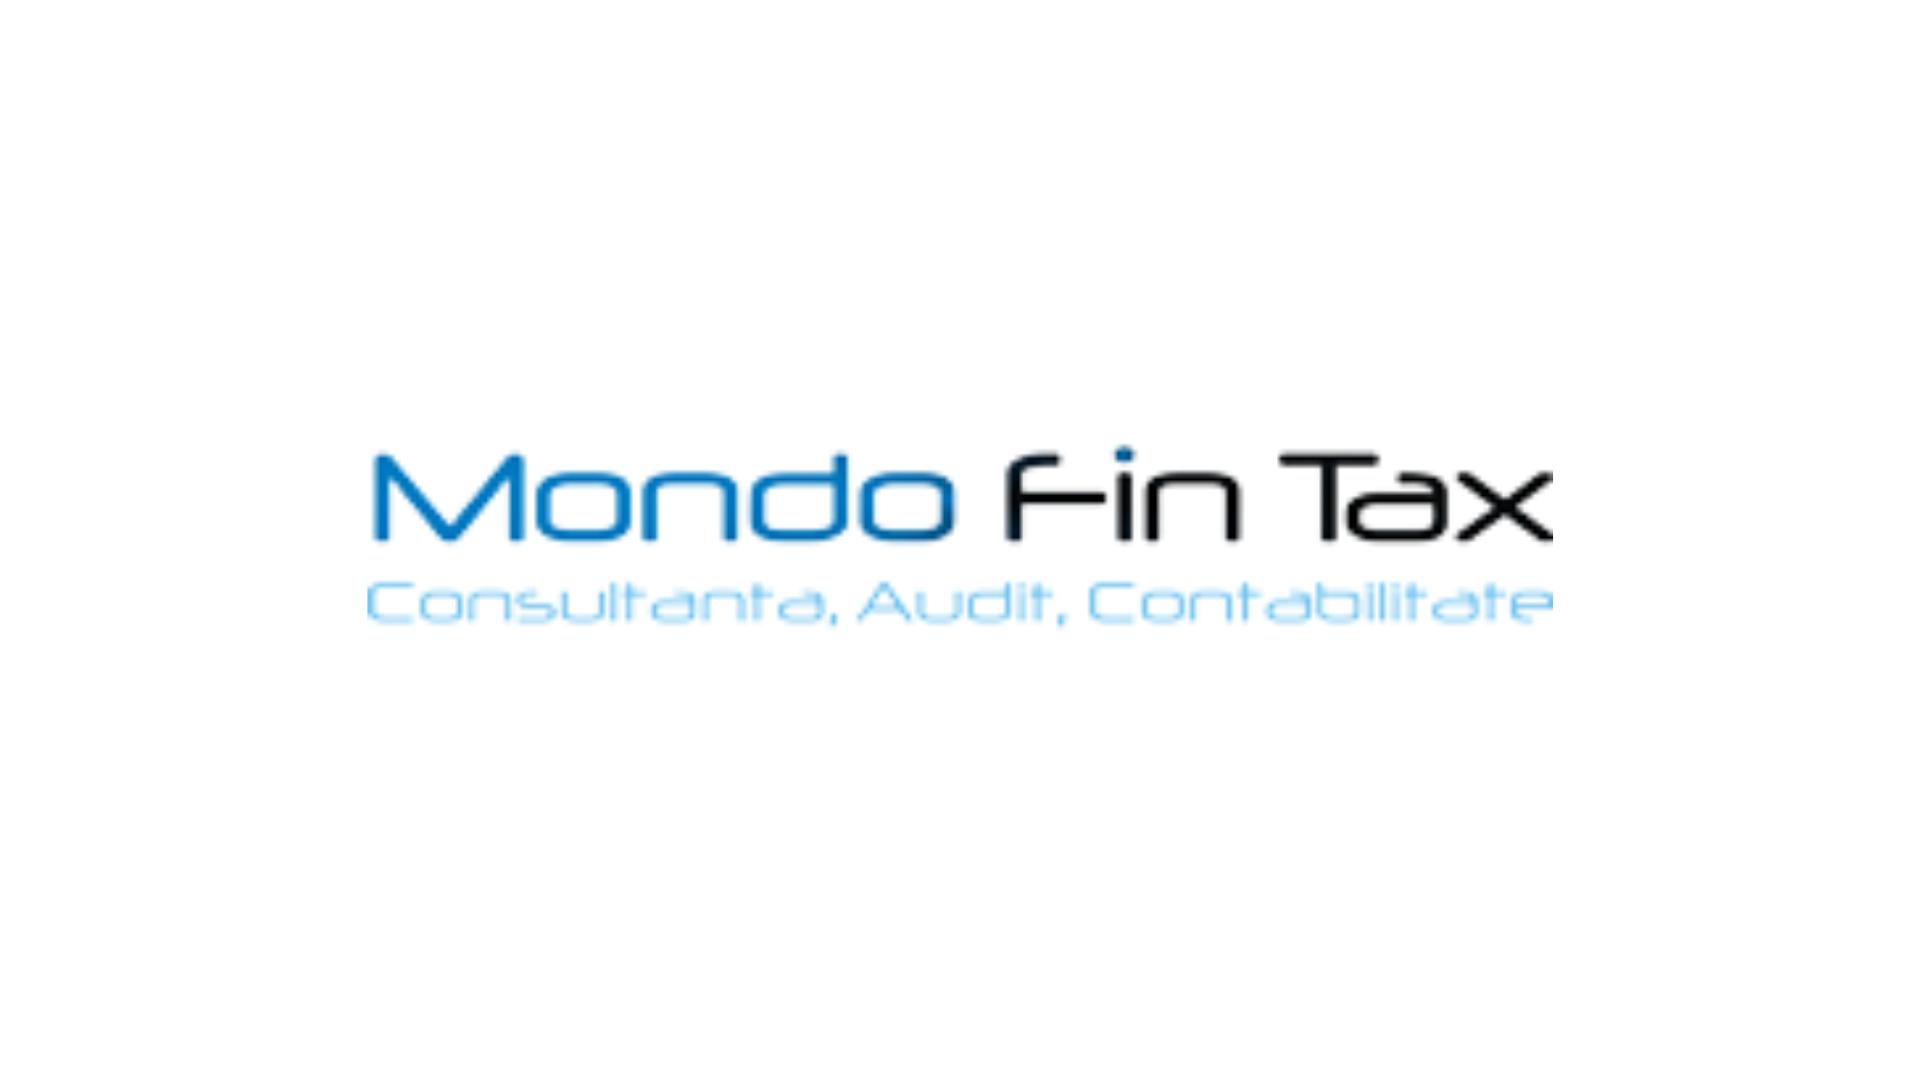 Interviu cu Triff Anca de la Mondo Fin Tax